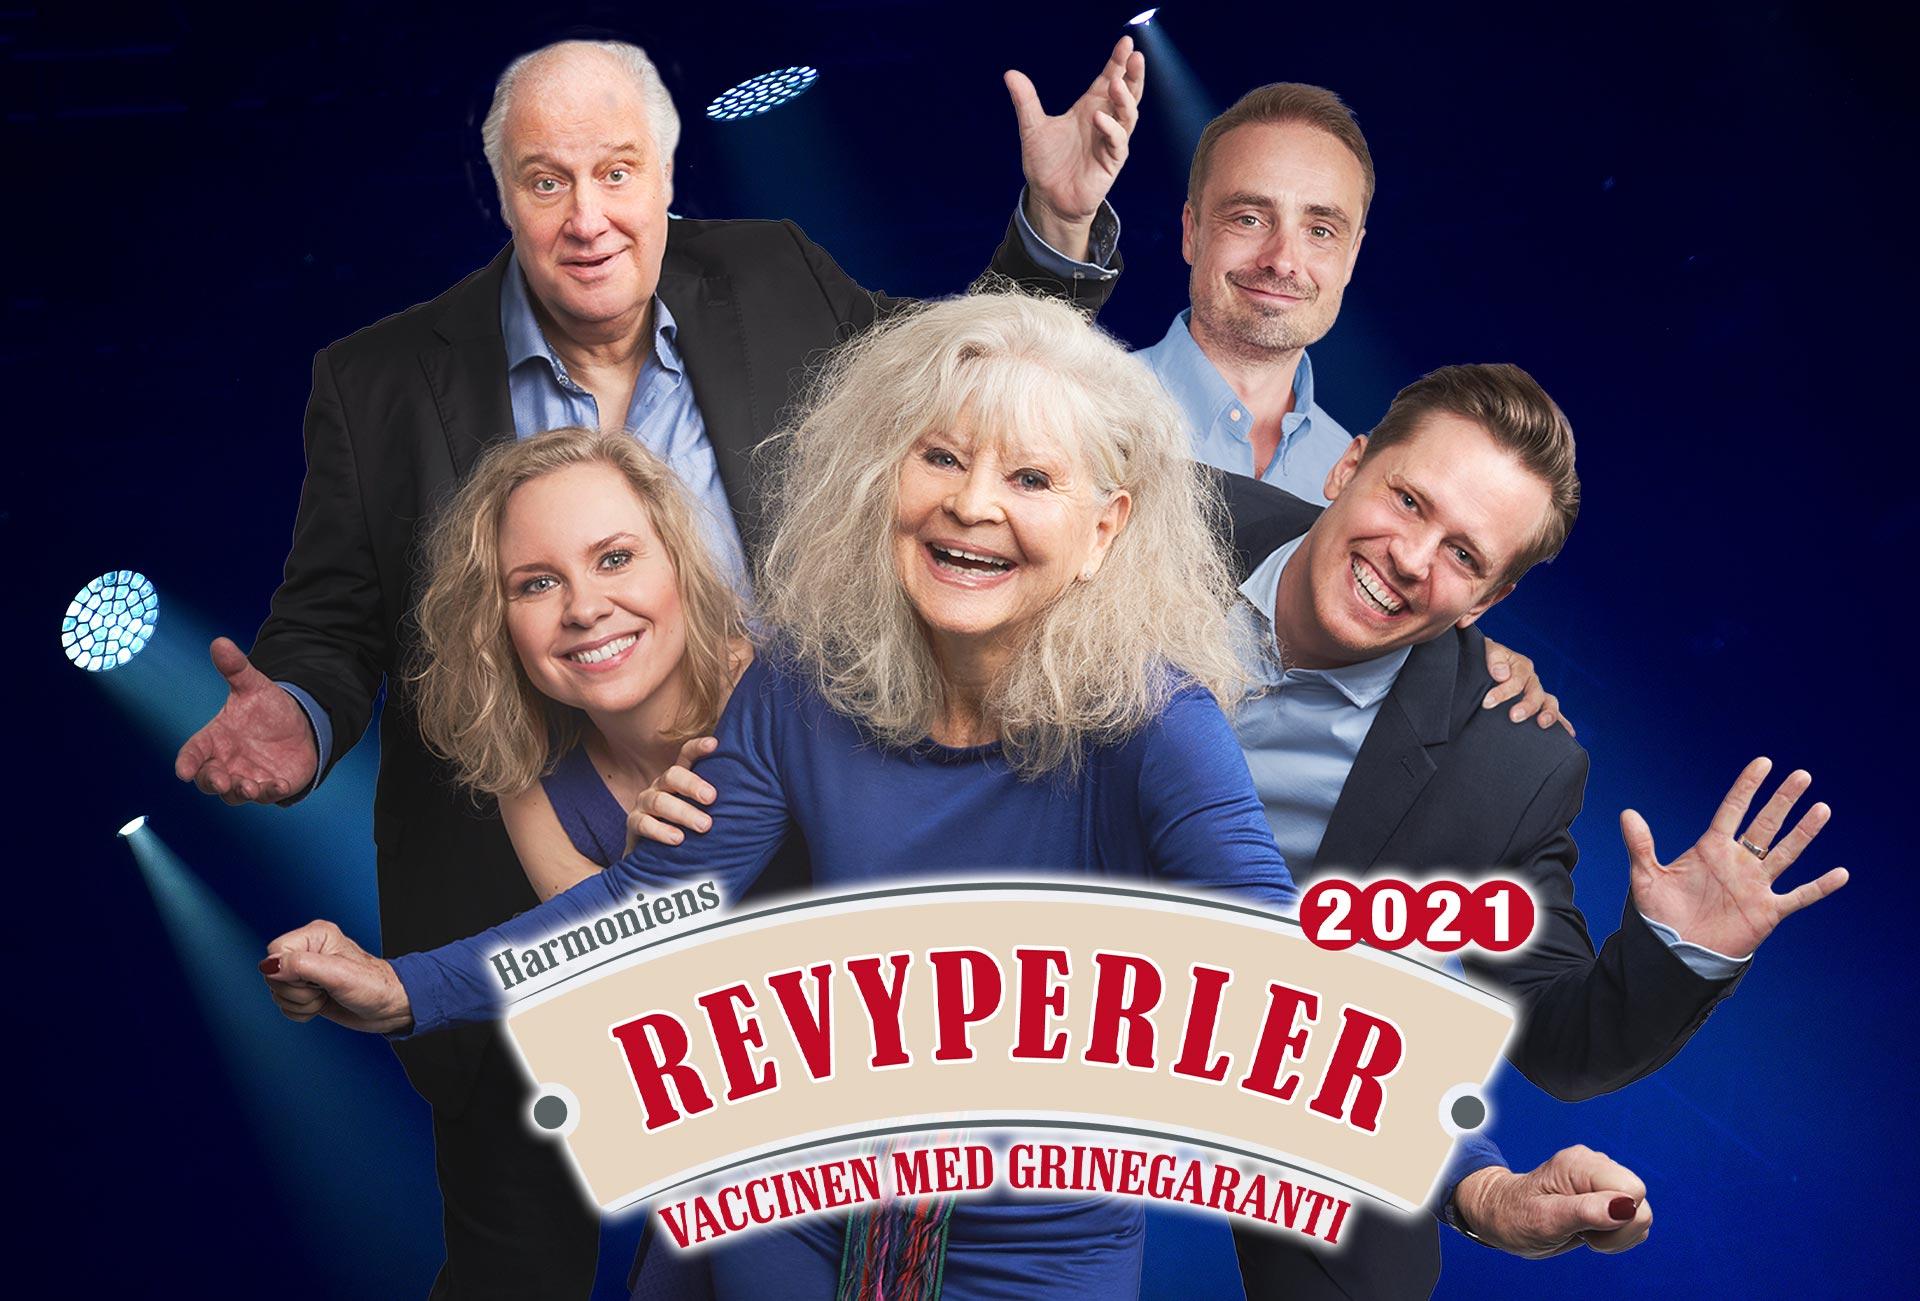 Harmoniens Revyperler 2021